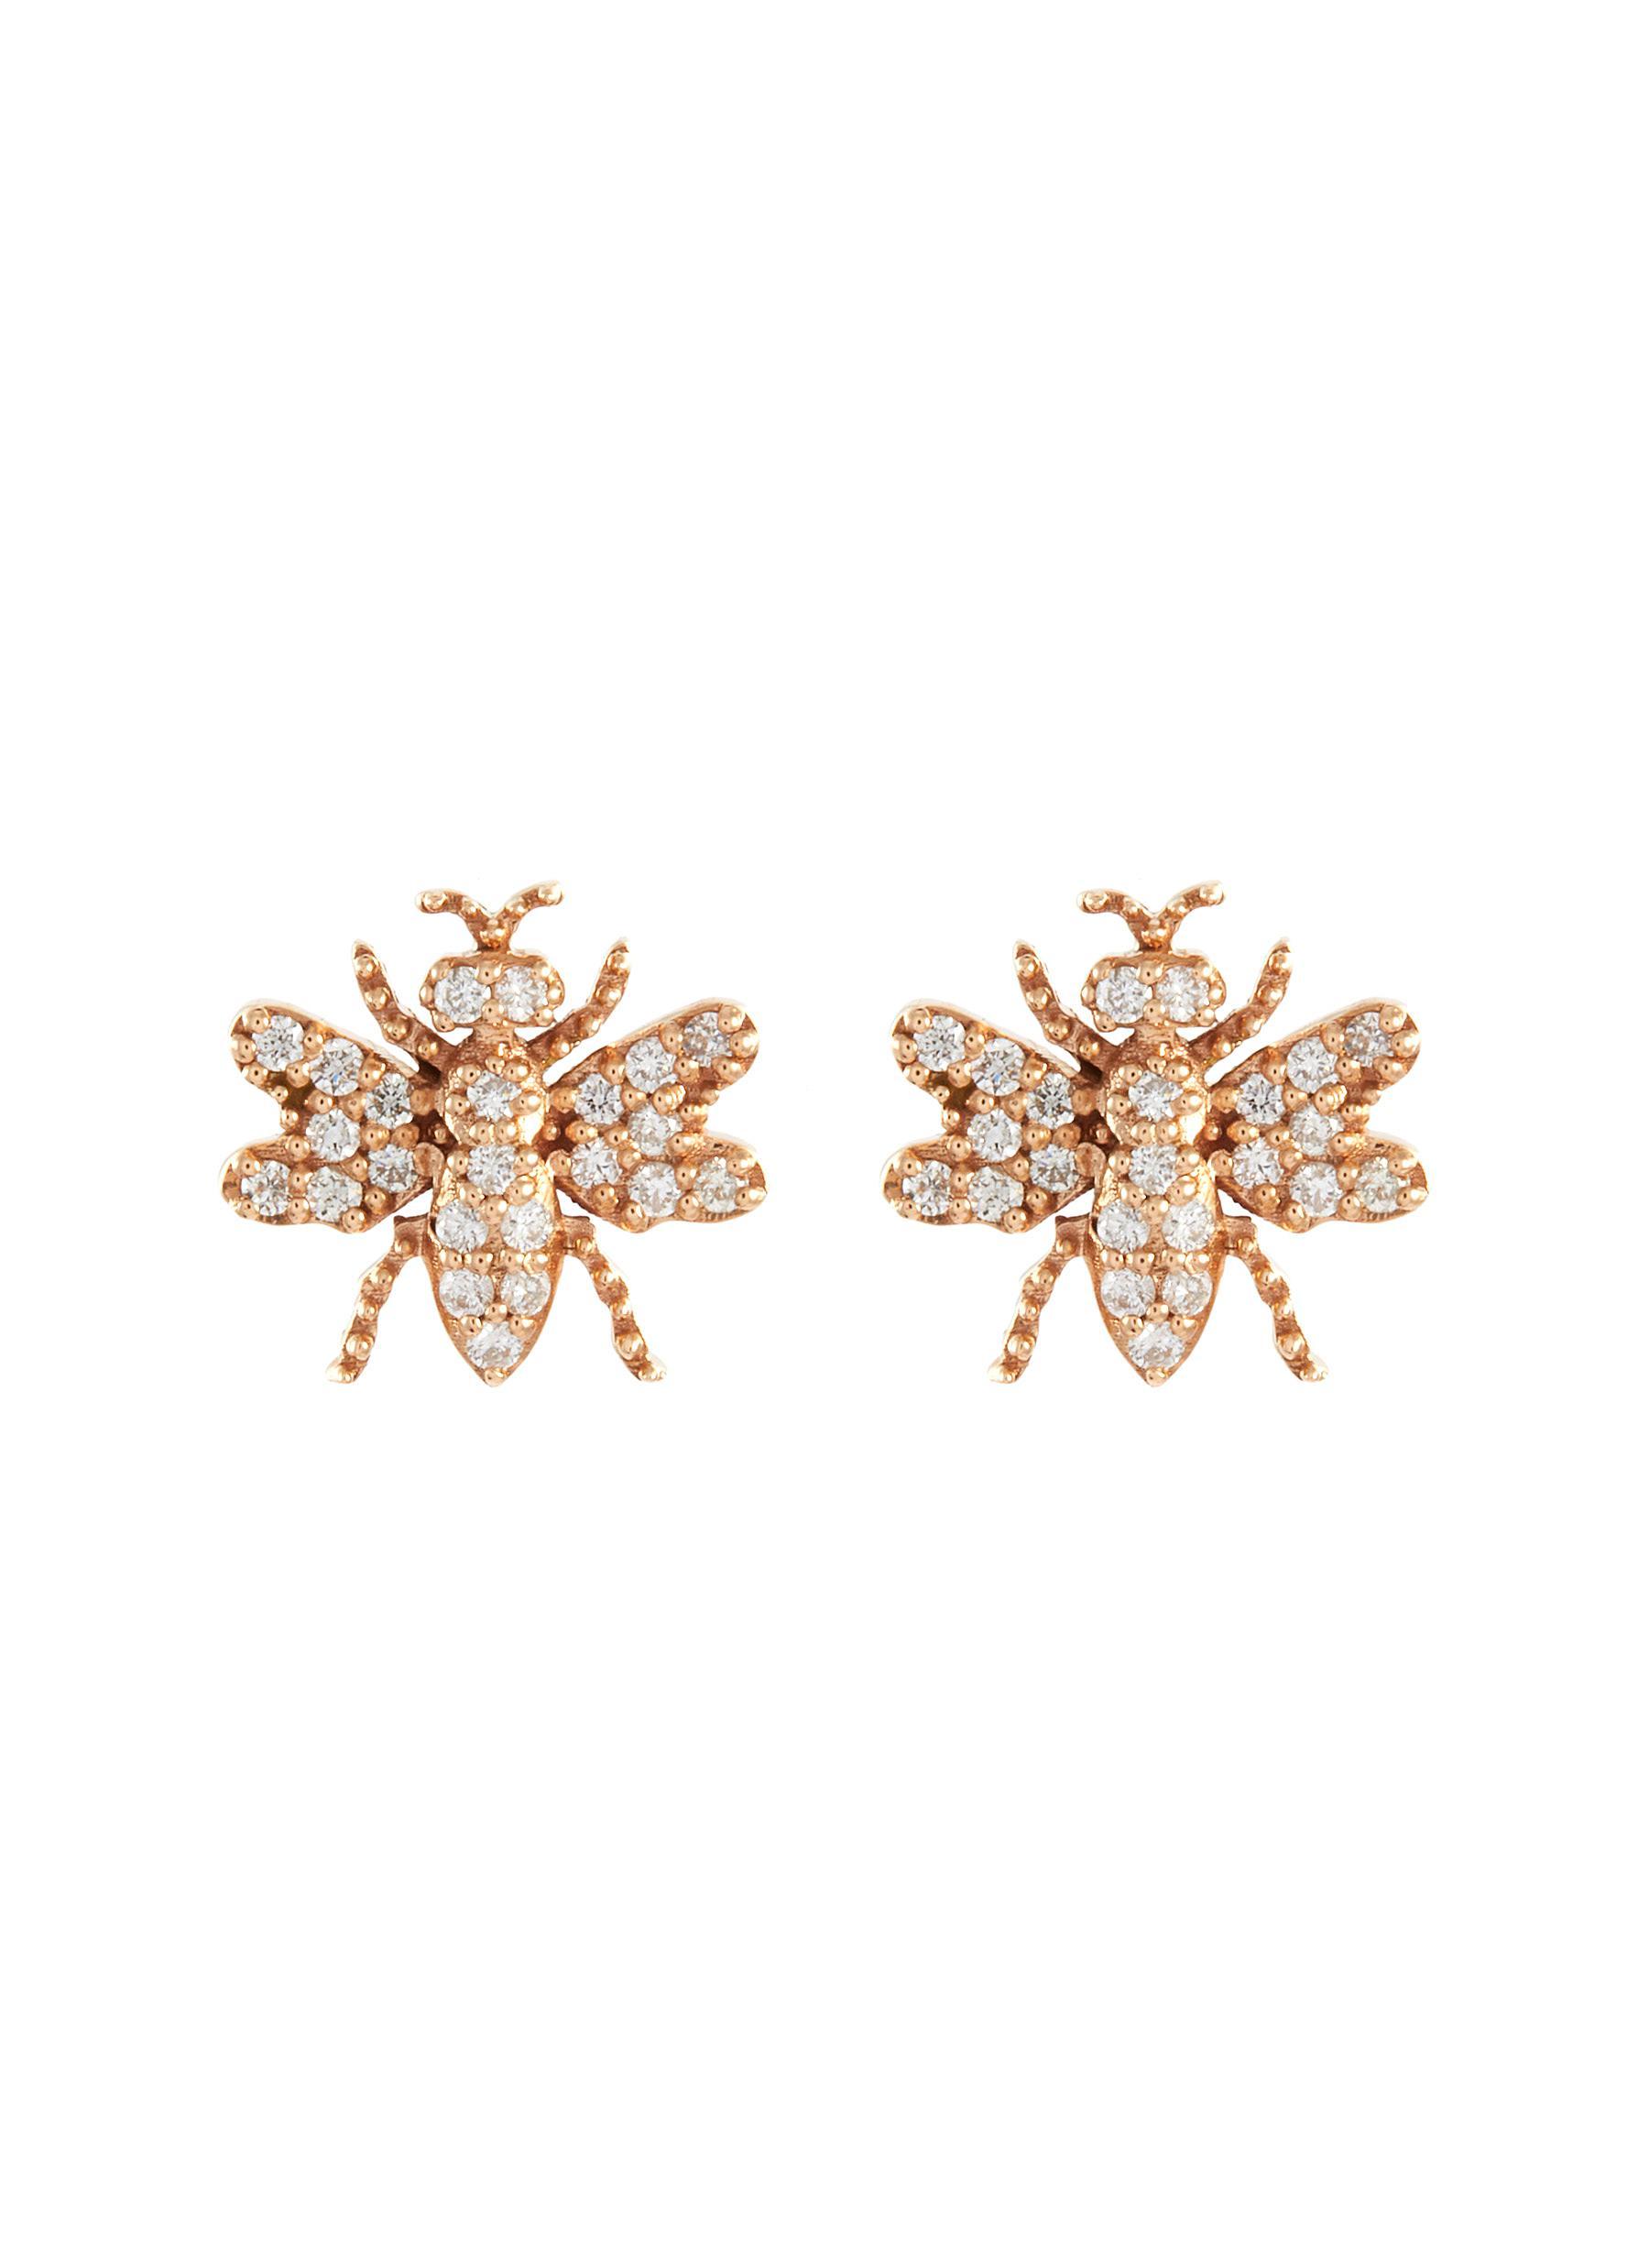 Diamond 14k Rose Gold Bee Stud Earrings - BEE GODDESS - Modalova